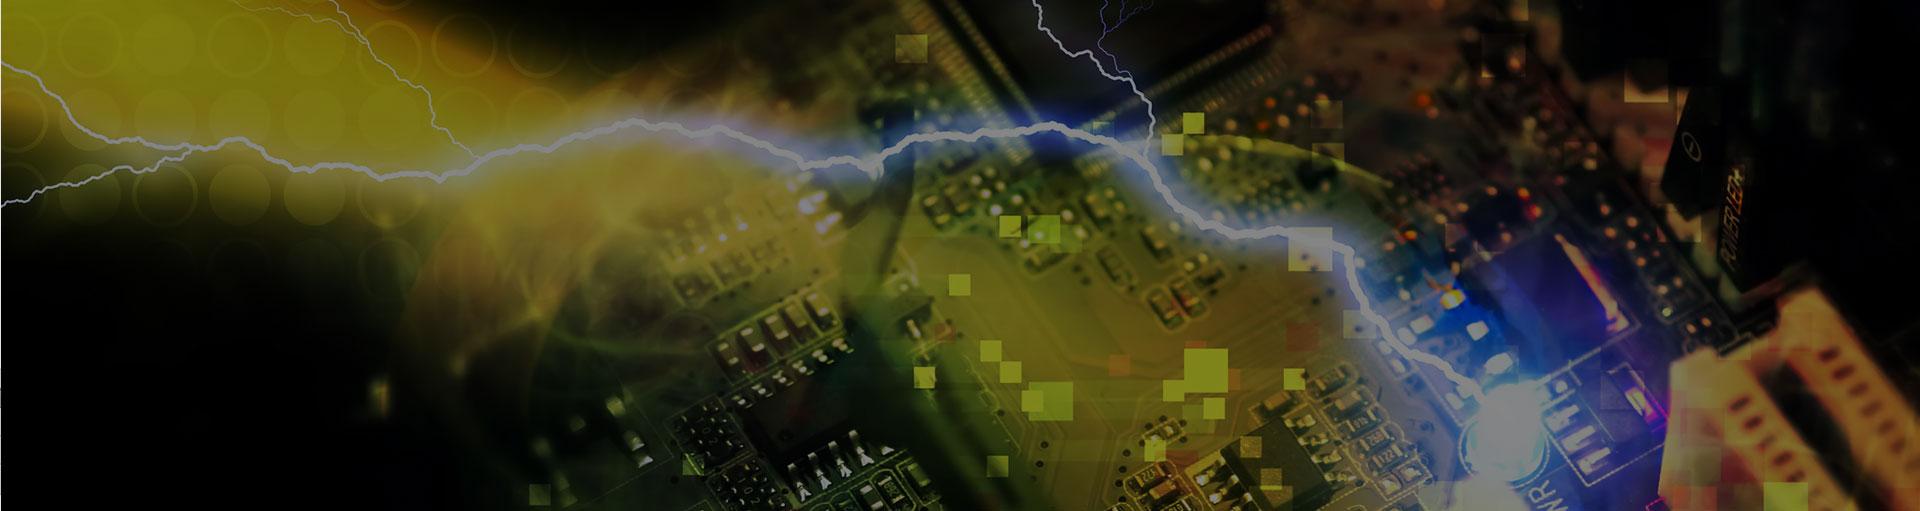 slider-technology-lightning